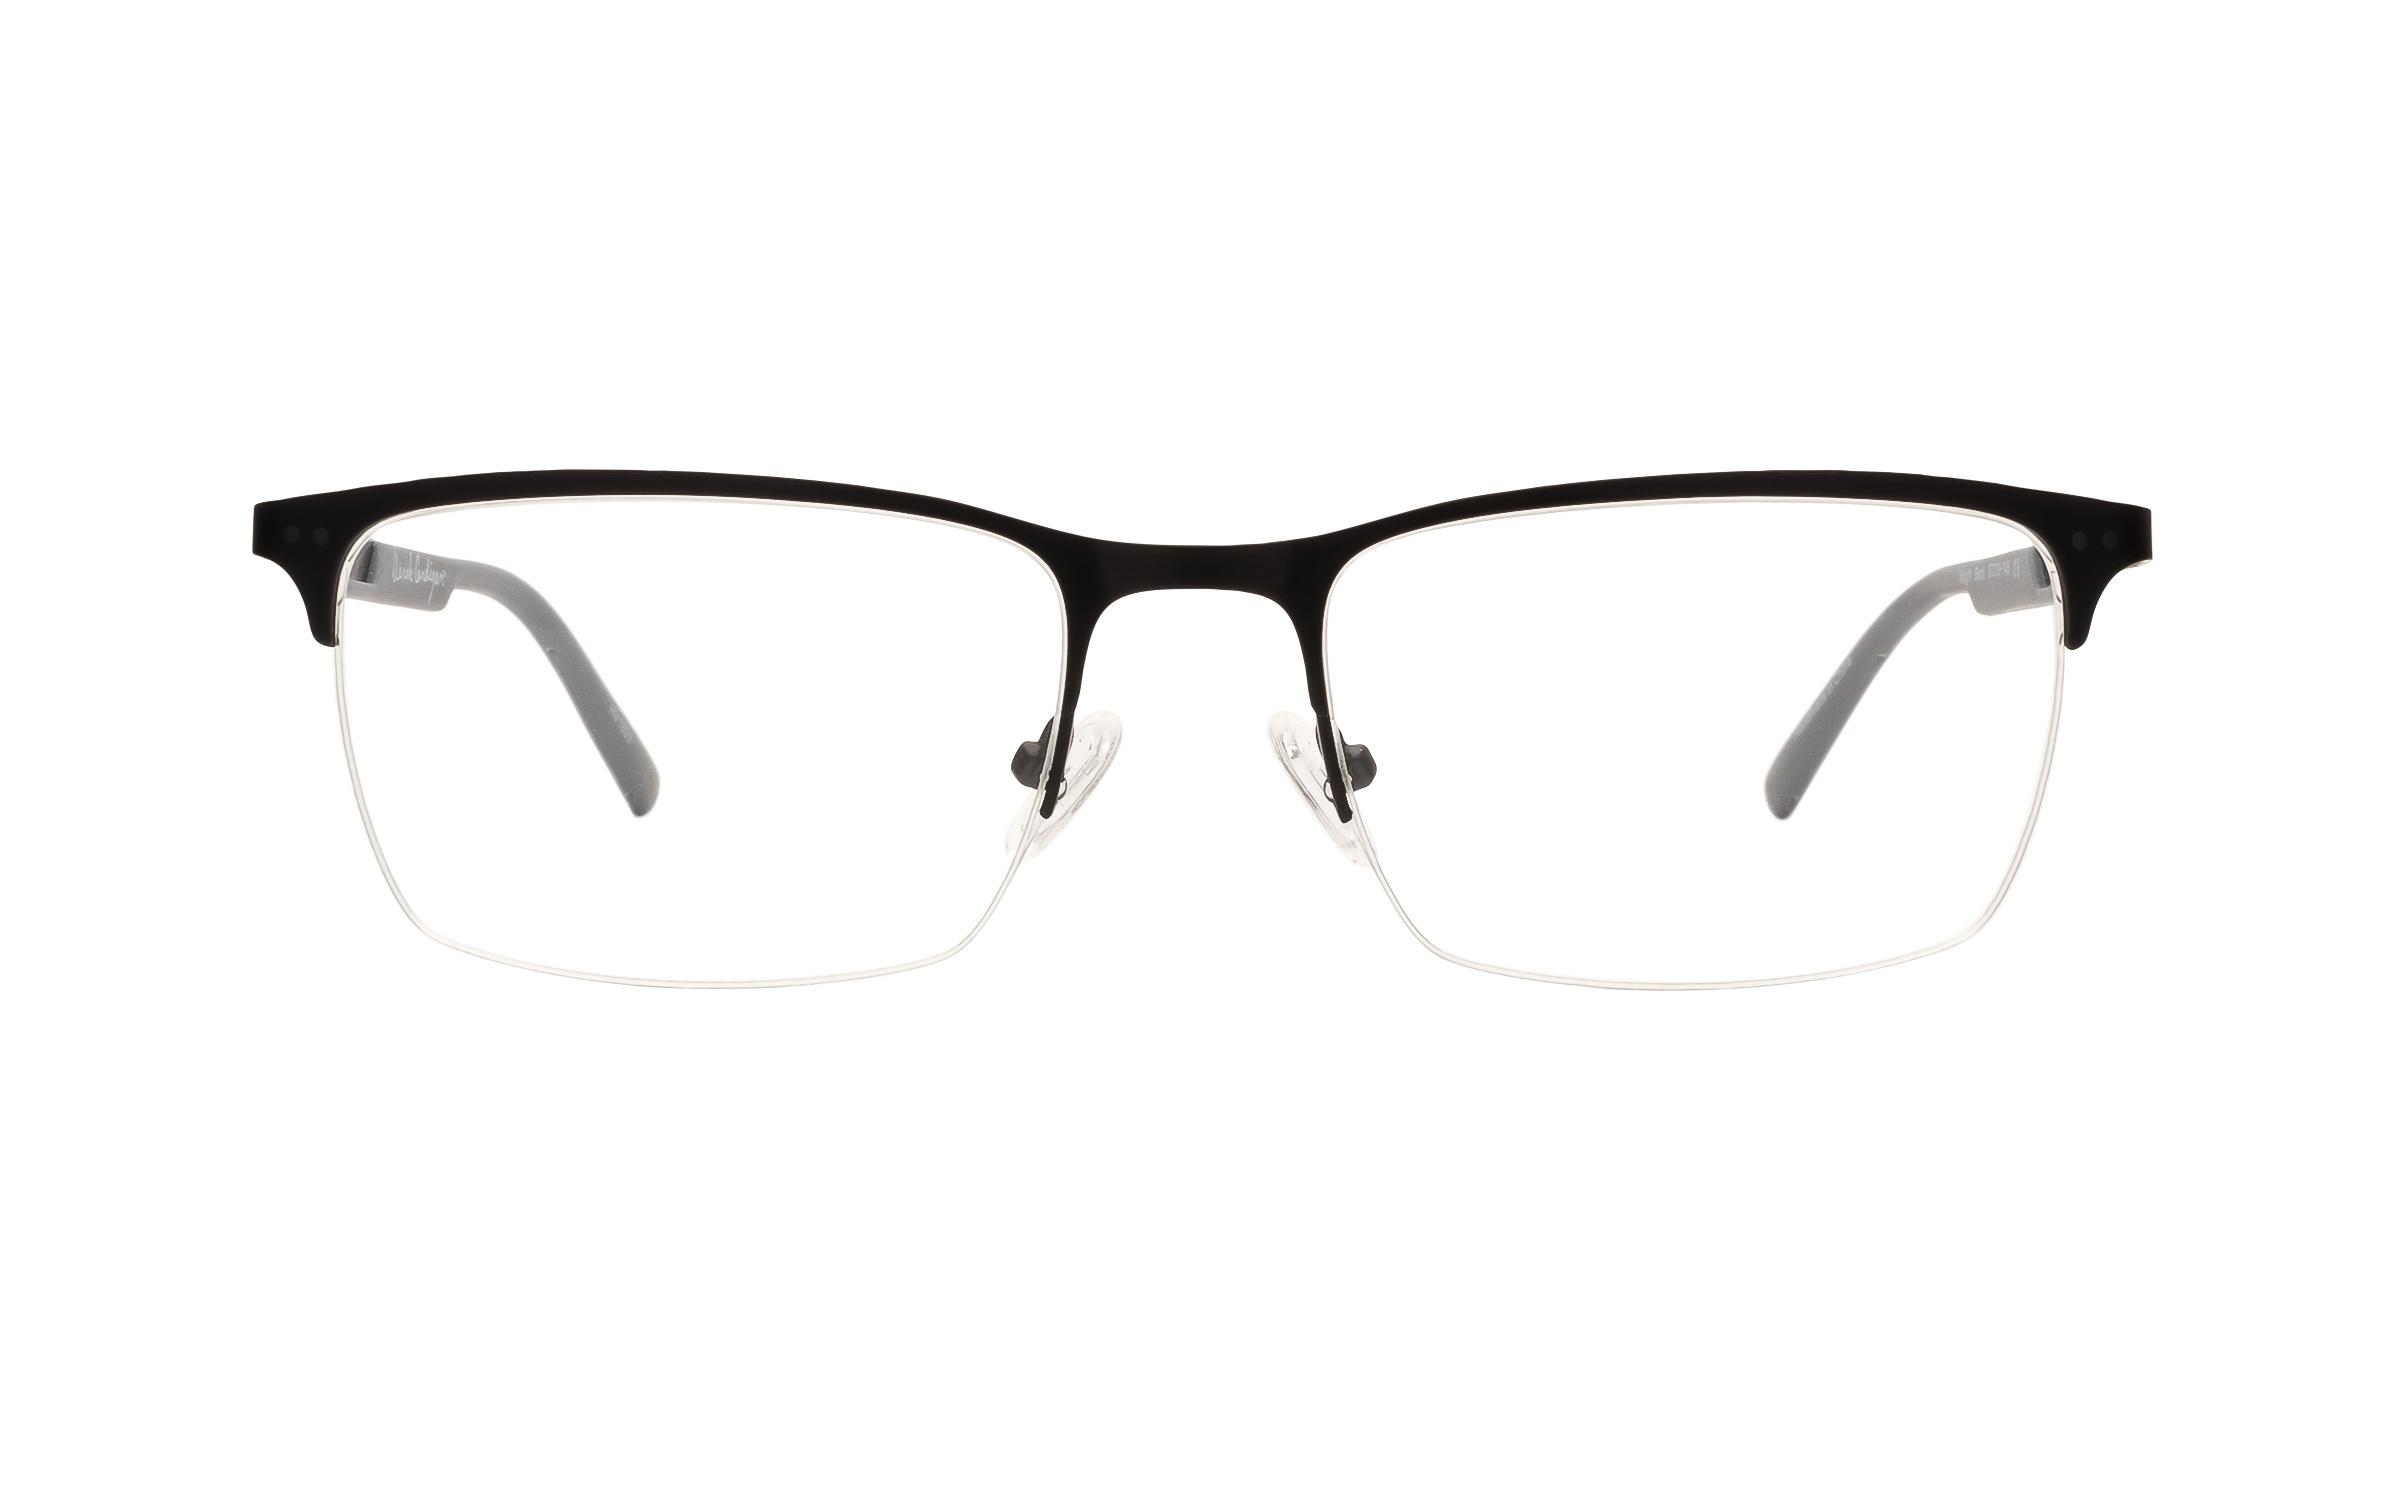 Derek_Cardigan_Mens_Glasses_Semi_Rimless_Black_Metal_Online_Coastal